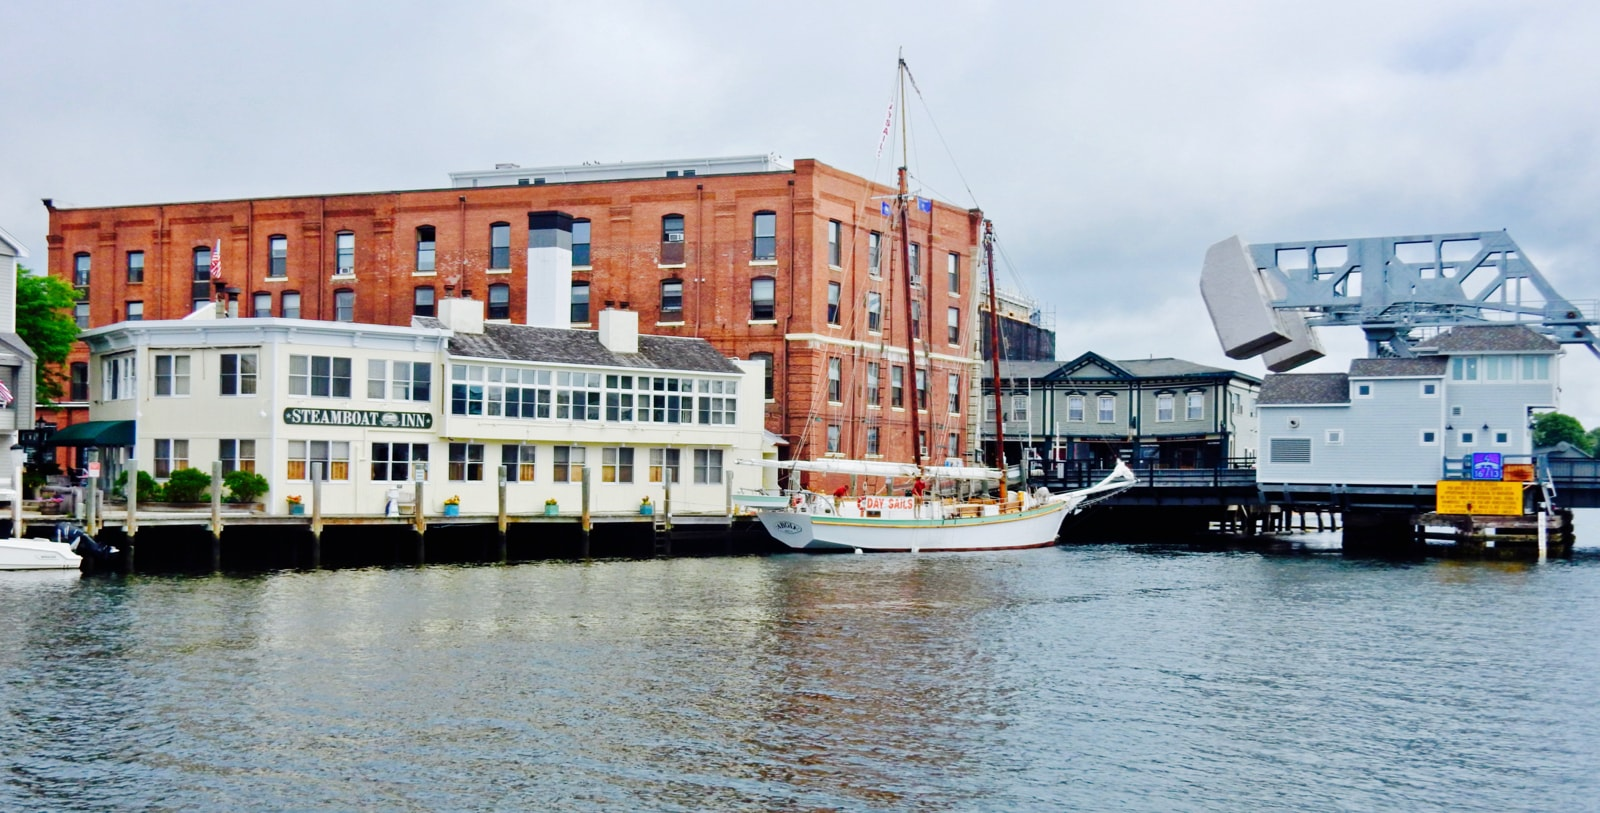 Steamboat Inn, Mystic CT